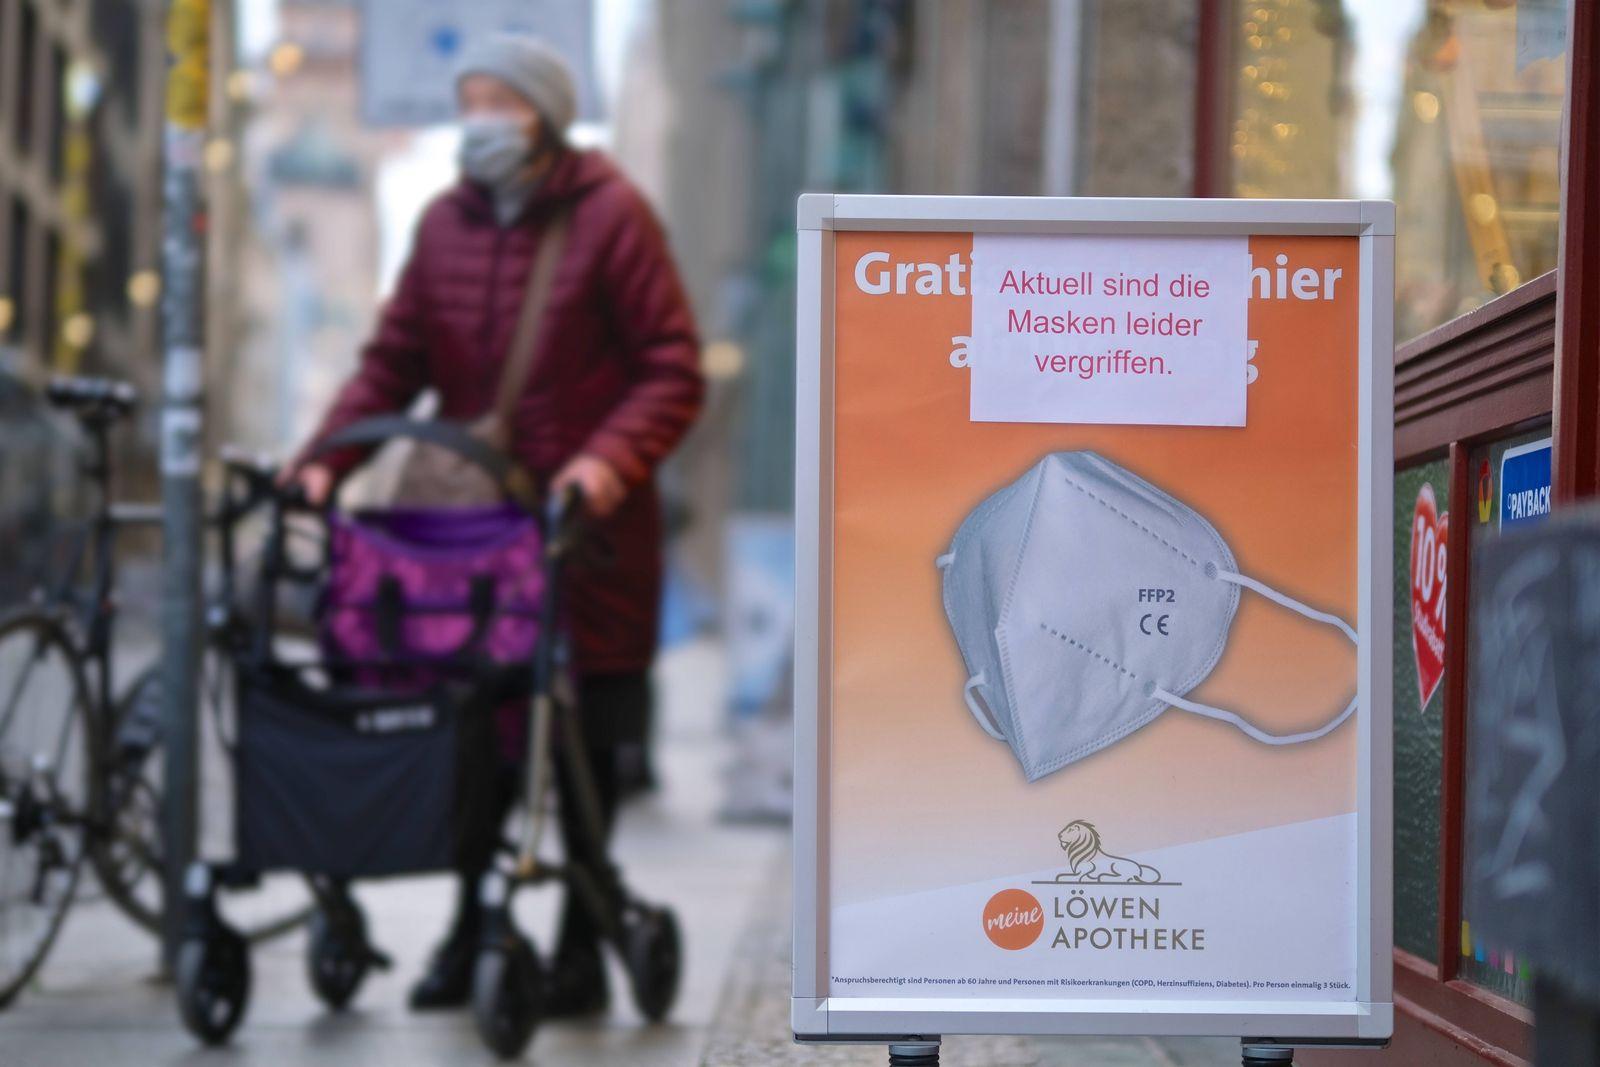 Leipzig, 15.12.2020 Aktuell sind die Masken leider vergriffen. Start der Ausgabe der Gratis-Masken für ältere Menschen